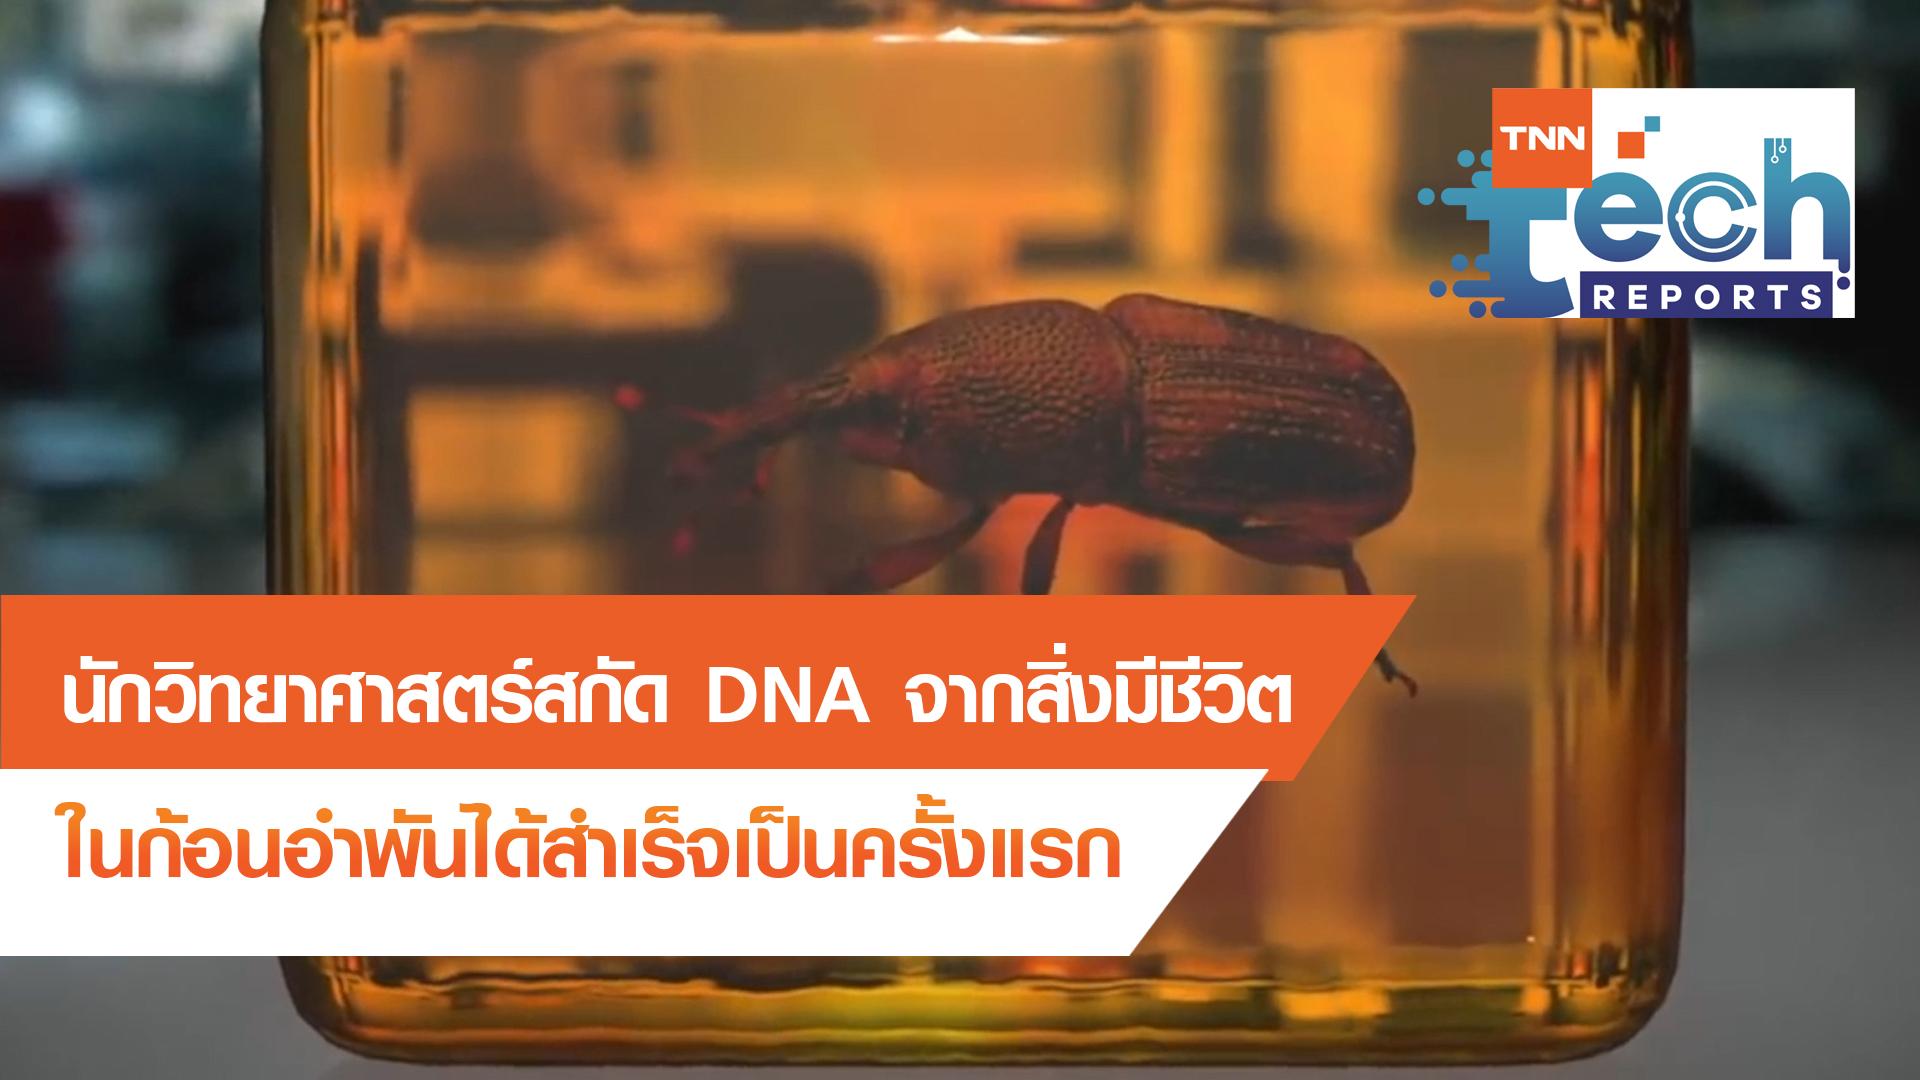 สกัด DNA จากสิ่งมีชีวิตในก้อนอำพันได้สำเร็จ   TNN Tech Reports EP 5   08 ต.ค. 63